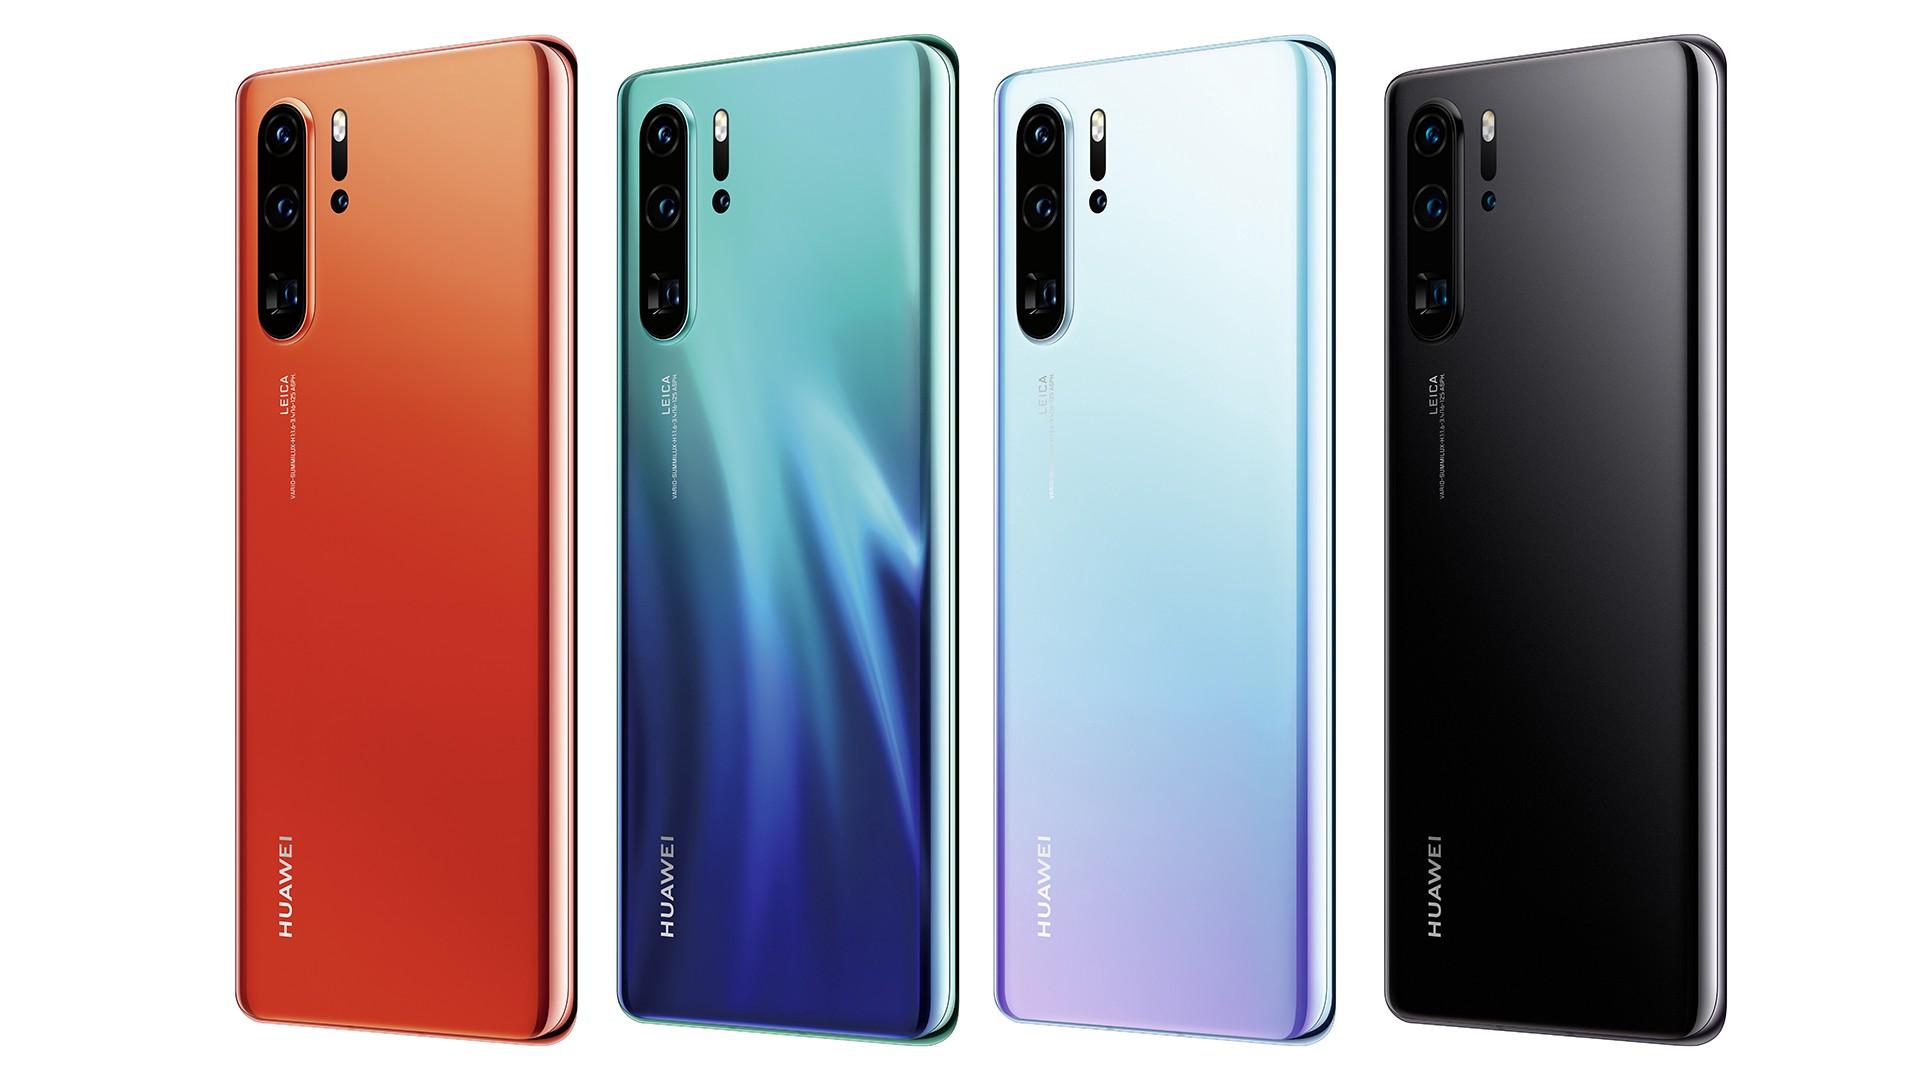 Huawei P30 Pro Özellikler ve Fiyat